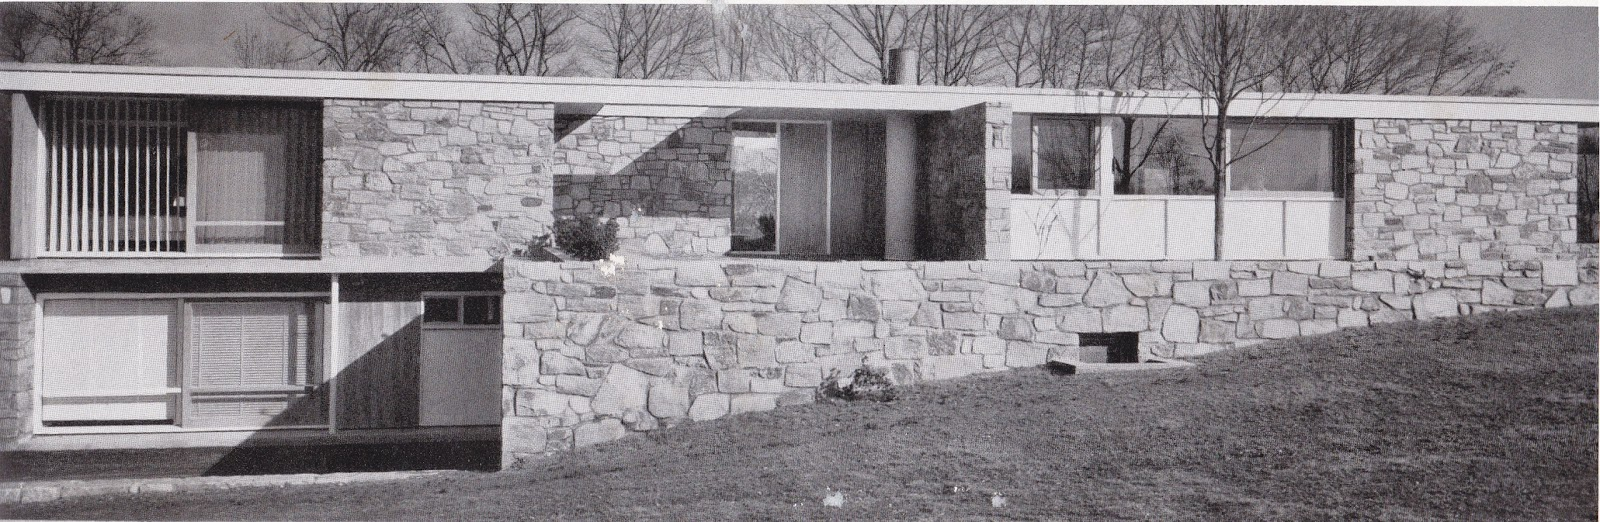 Historia de la arquitectura moderna casa clark marcel for Historia de la arquitectura moderna